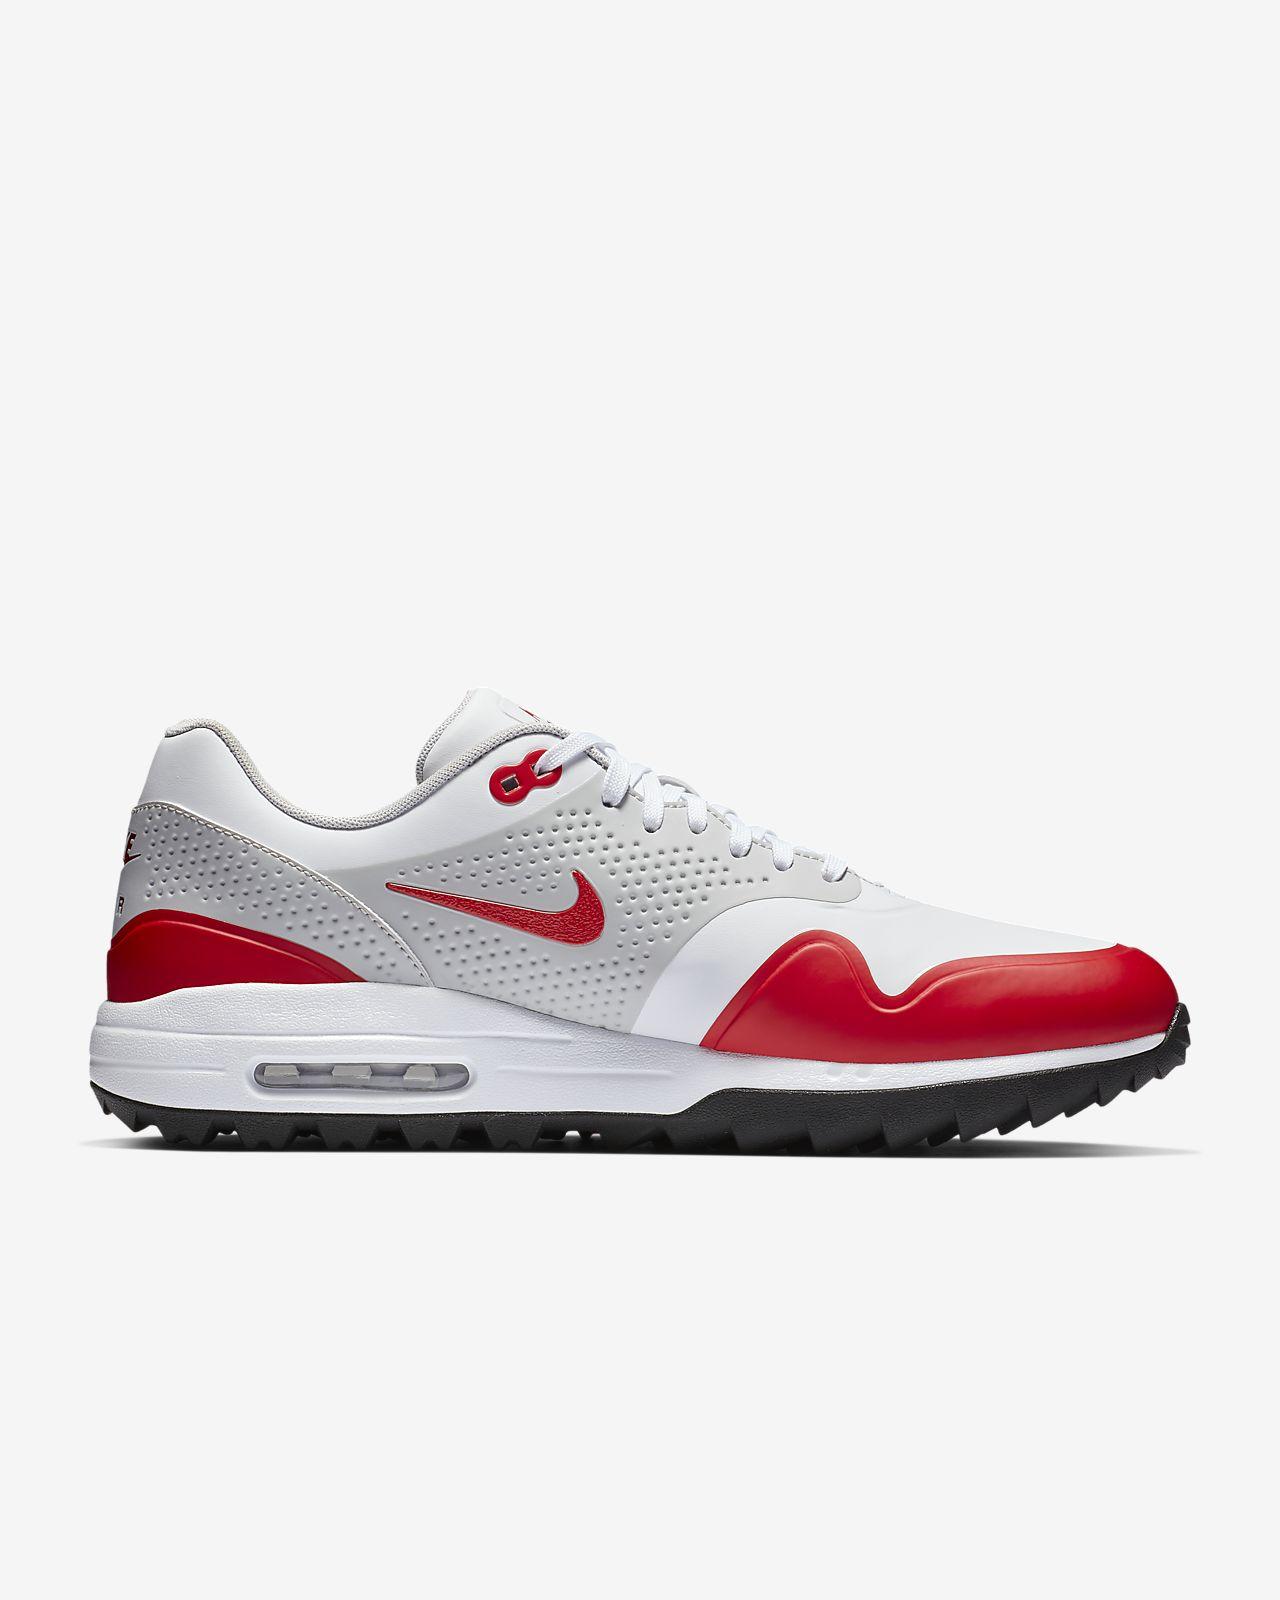 online store 53ab2 0c515 ... Calzado de golf para hombre Nike Air Max 1 G